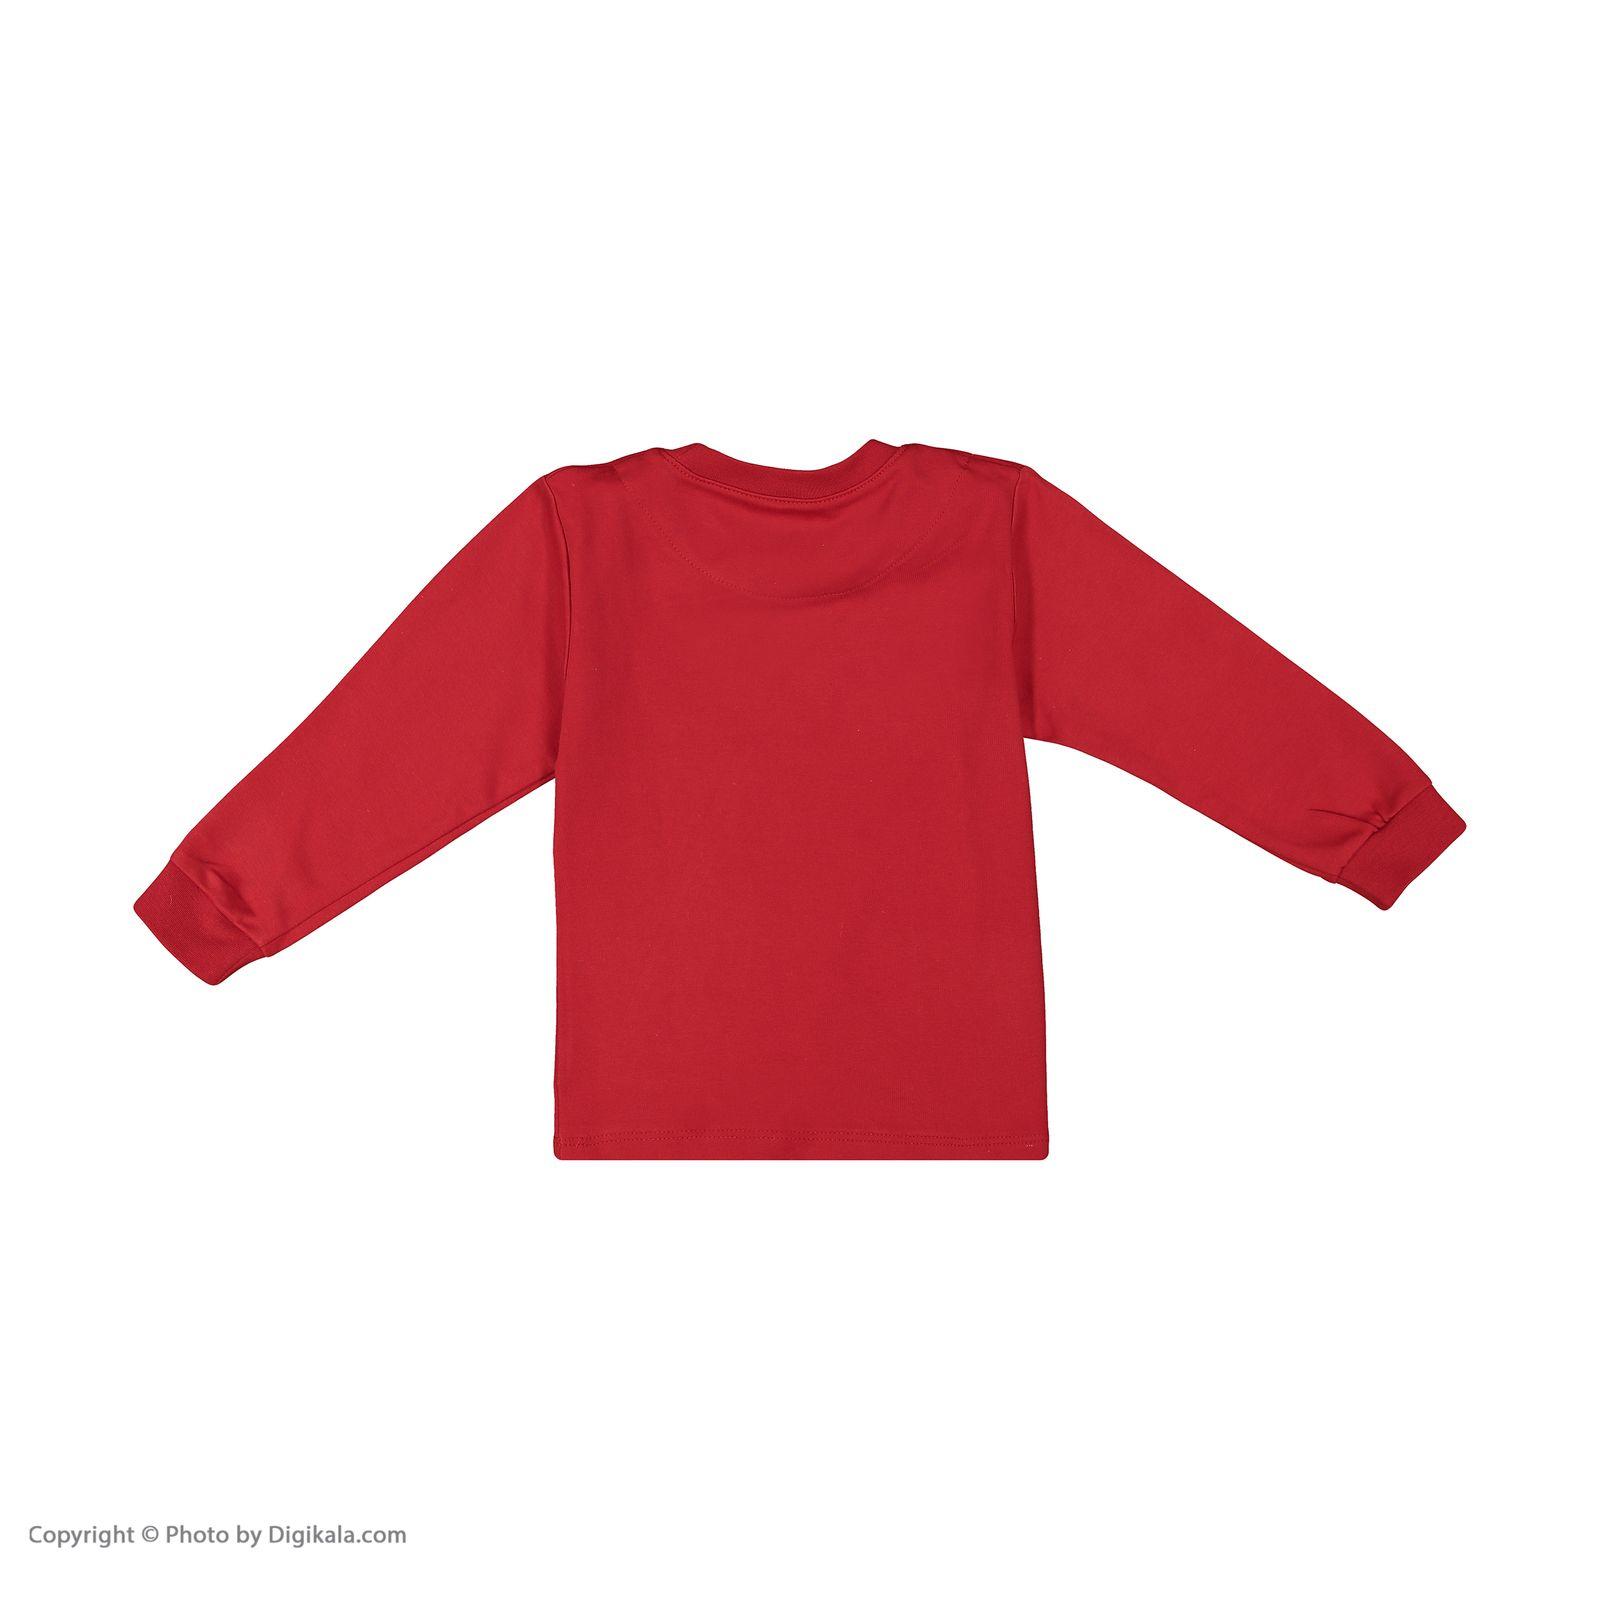 ست تی شرت و شلوار پسرانه مادر مدل 318-72 main 1 3